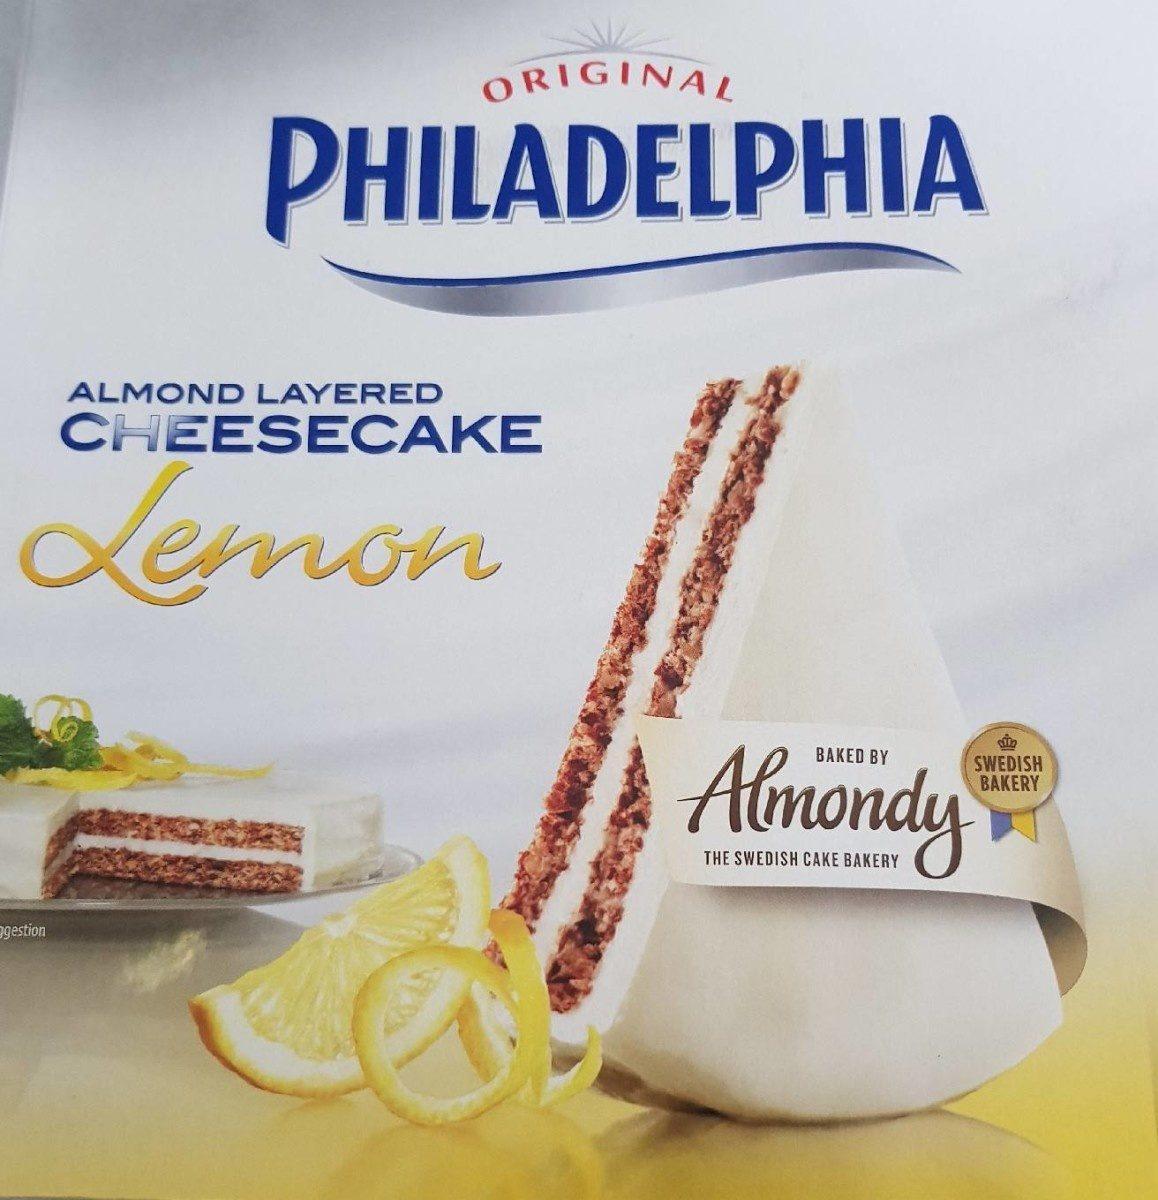 Philadelphia Cheesecake, Lemon - Product